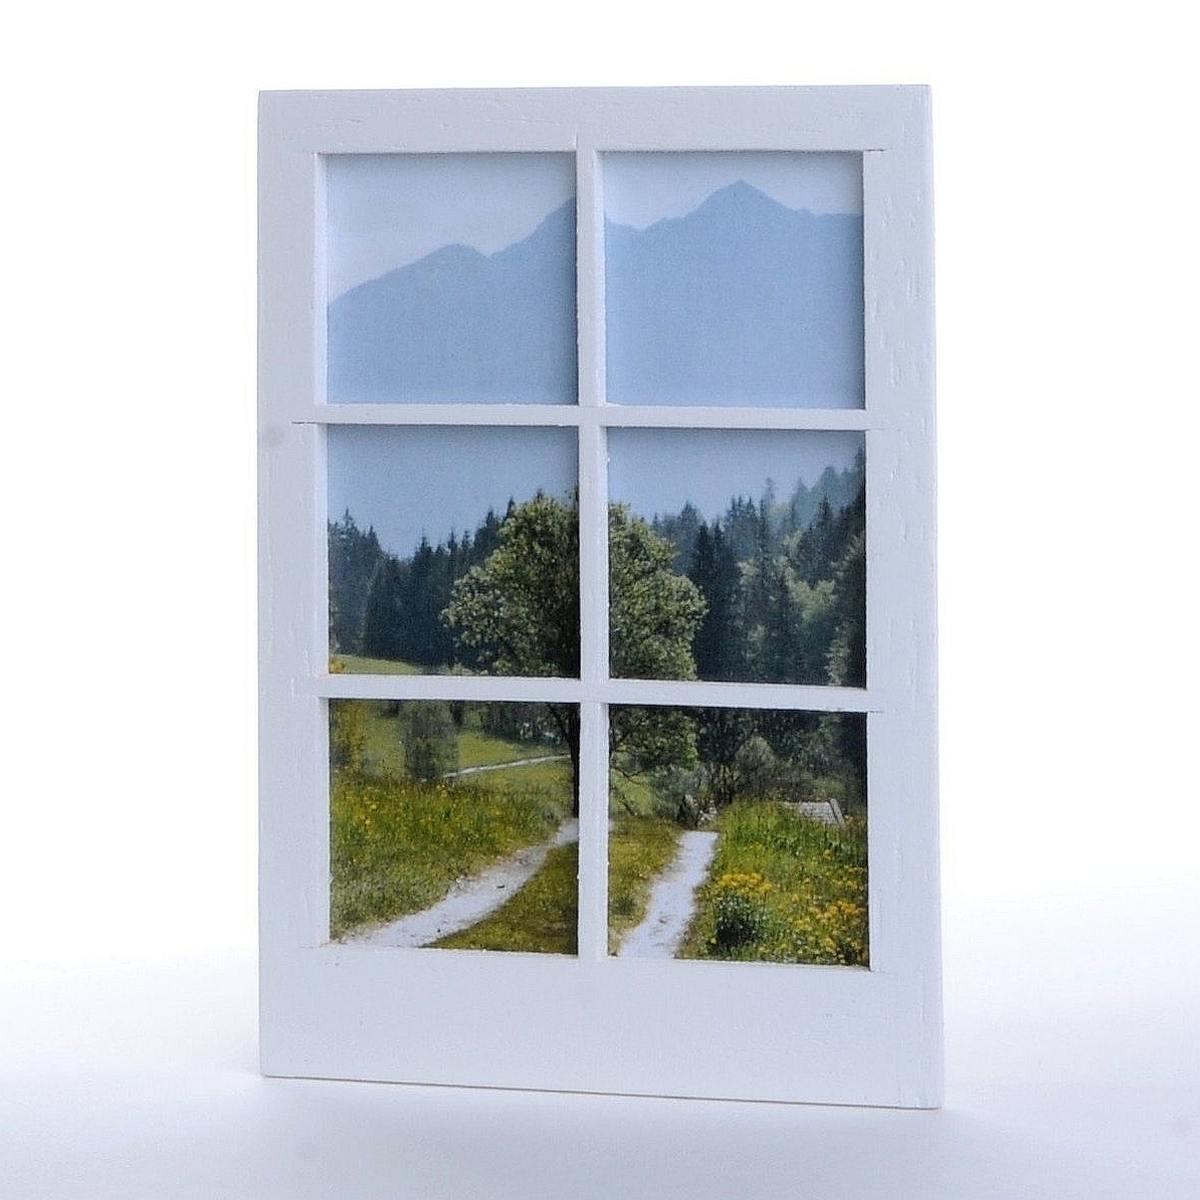 Gemütlich Pretty Ideas Fenster Mit Sprossen Galerie - Heimat Ideen ...